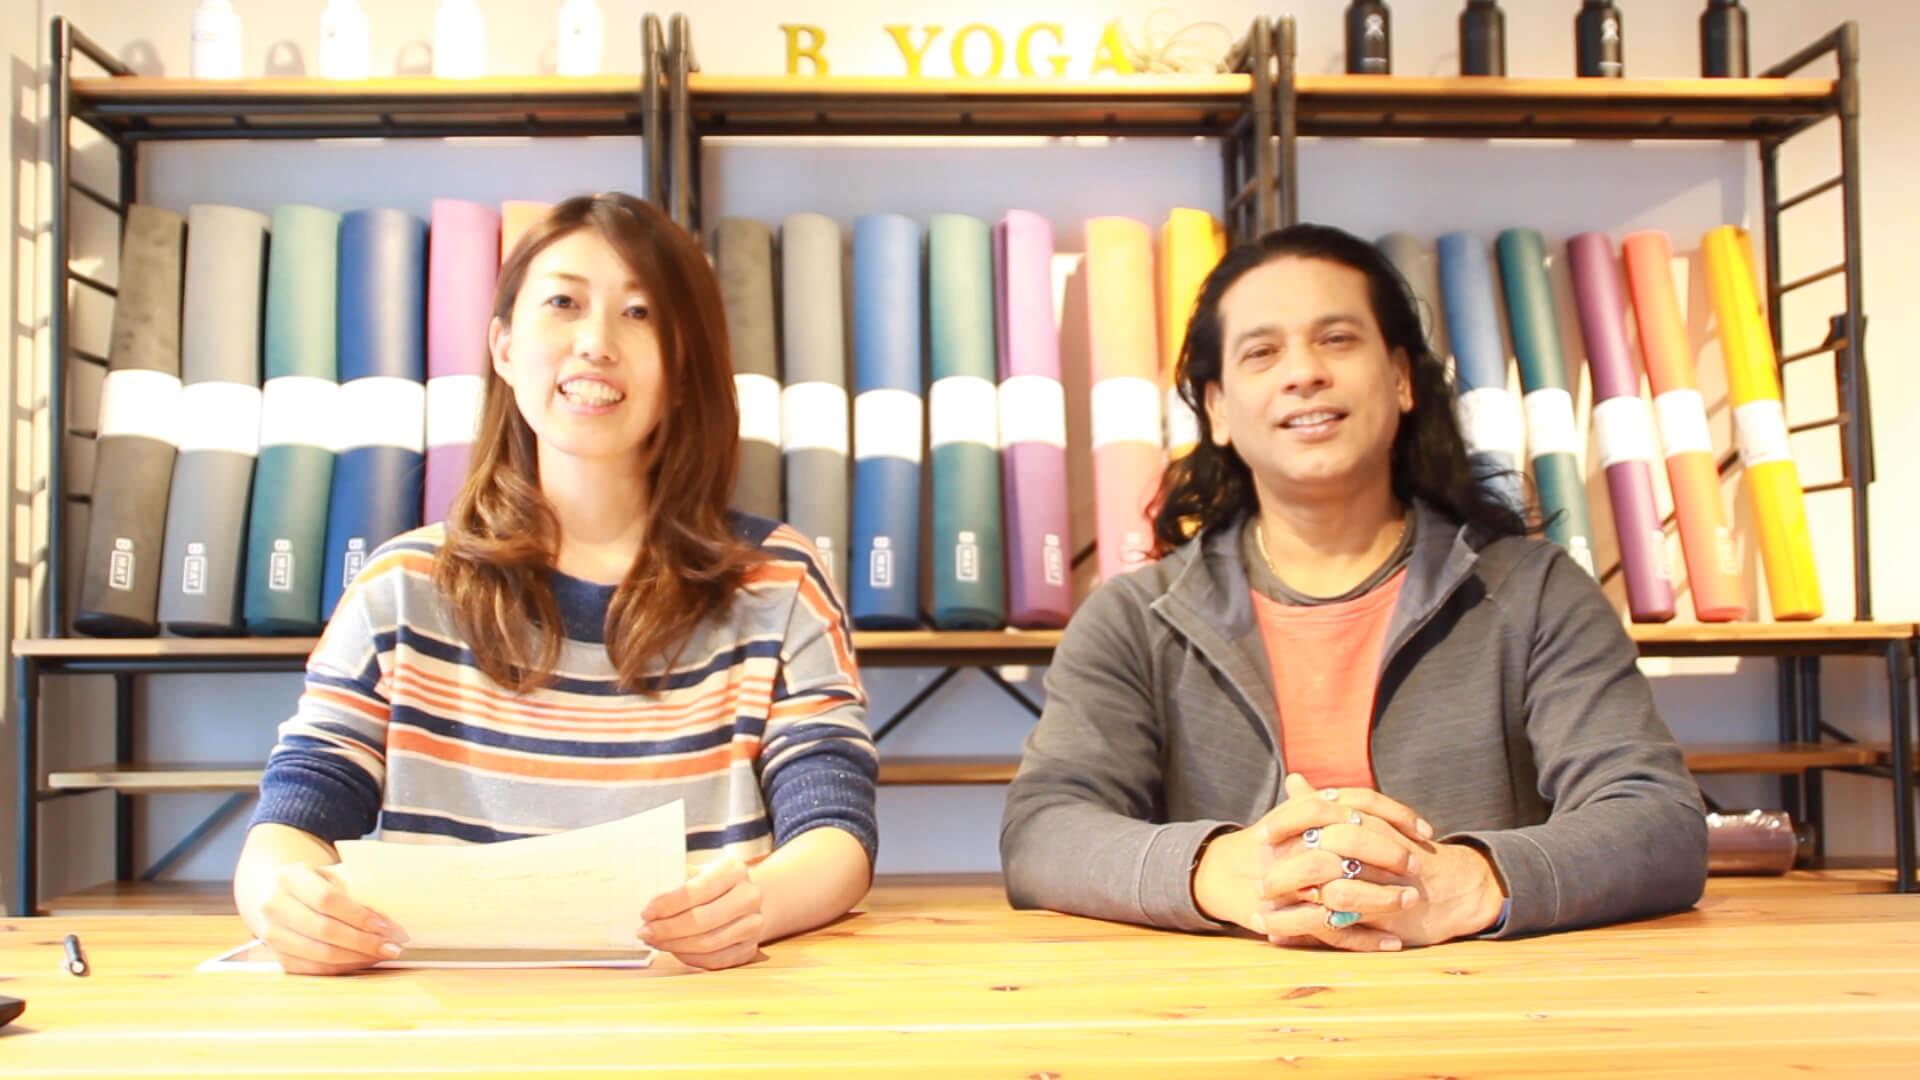 ヨガジェネレーション企画部 べー(左)とYOGA SPA yogayuH プロデューサー クリシュナ・グルジ先生(右)